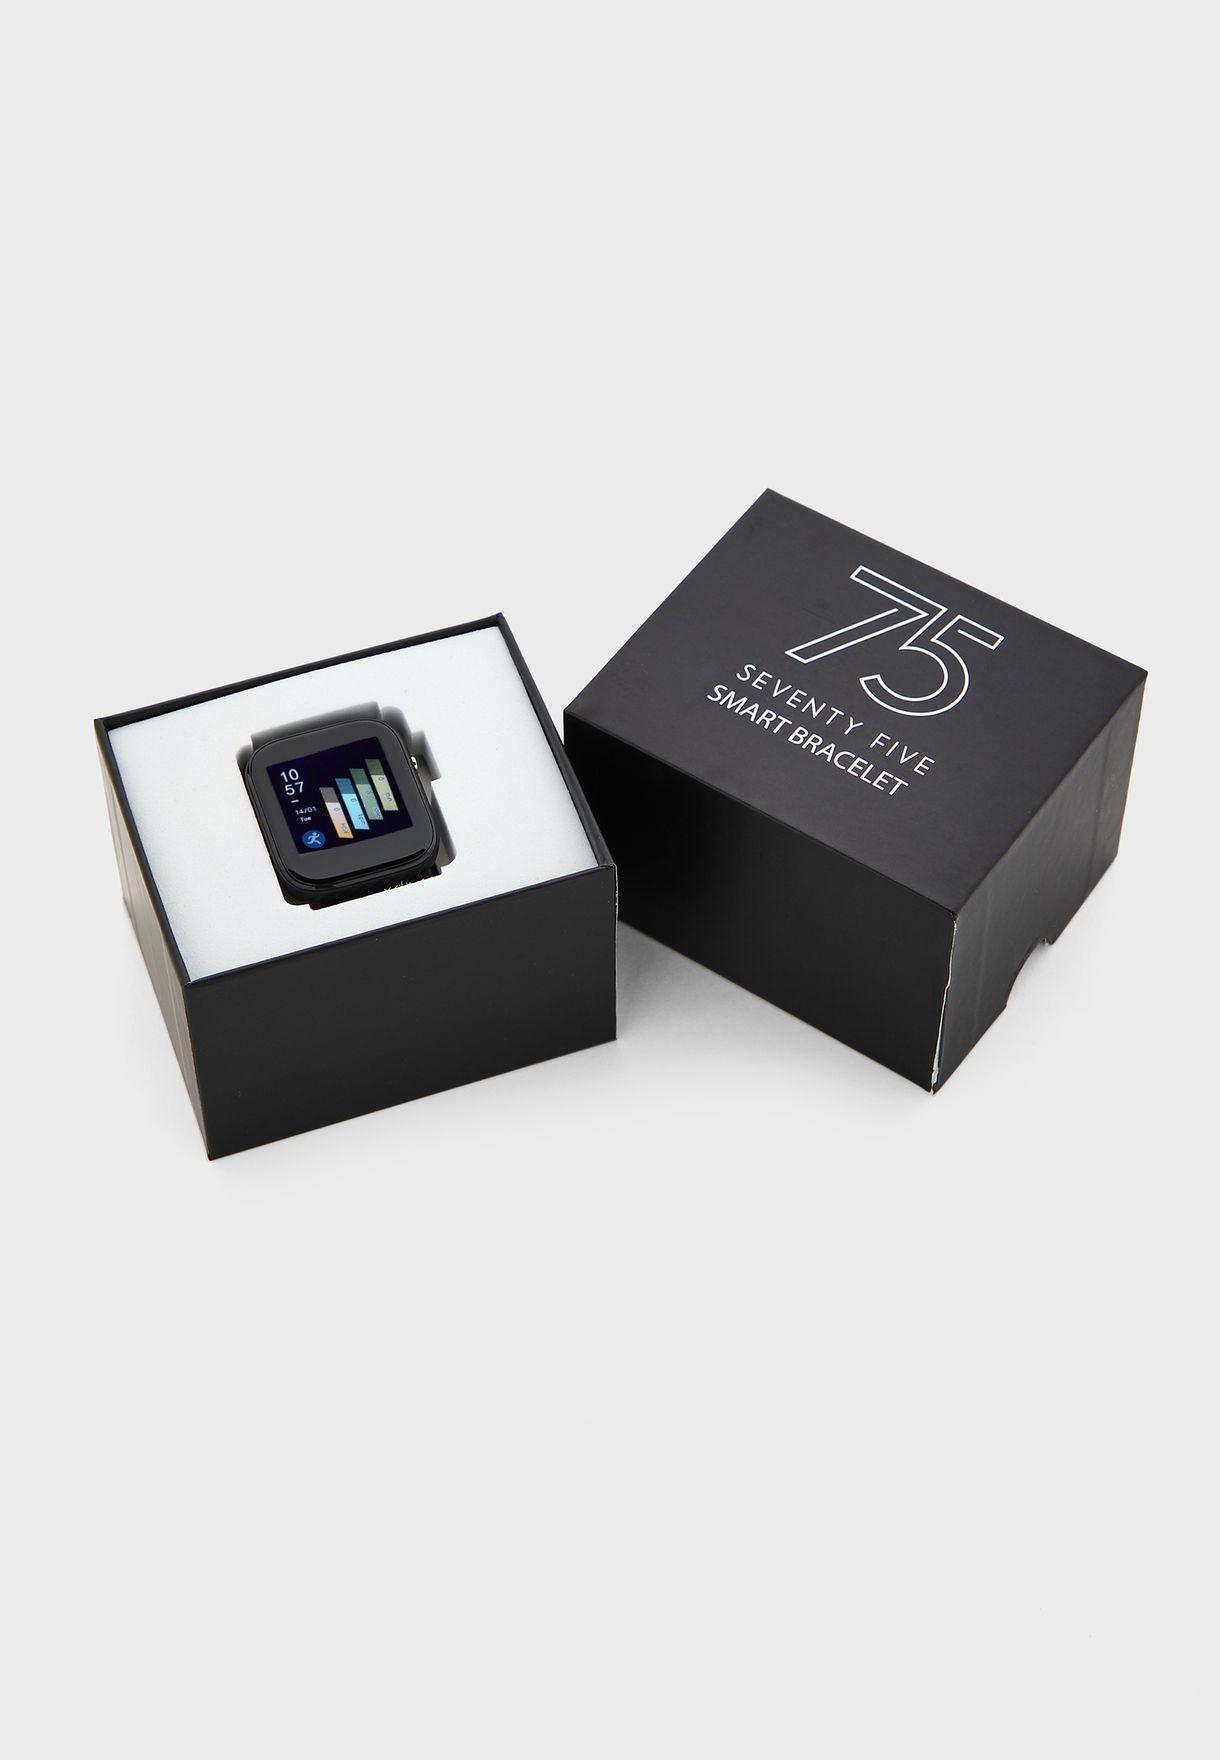 Smart Watch w/ Heart Rate Blood Pressure & Oxygen